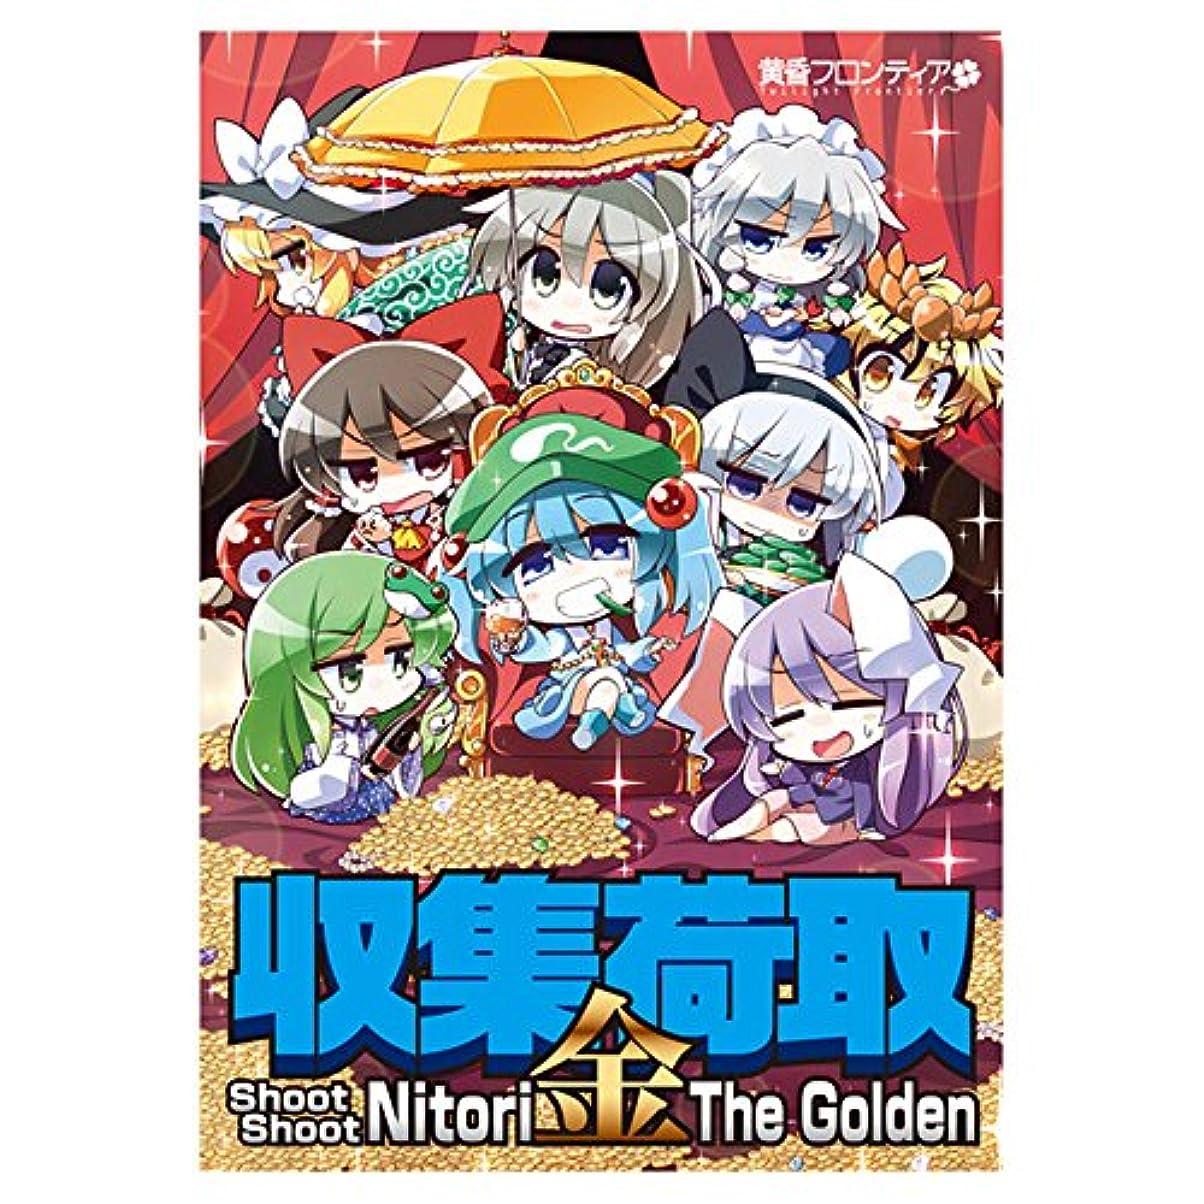 みがきます伝説ミニ収集荷取?金 -Shoot Shoot Nitori The Golden-